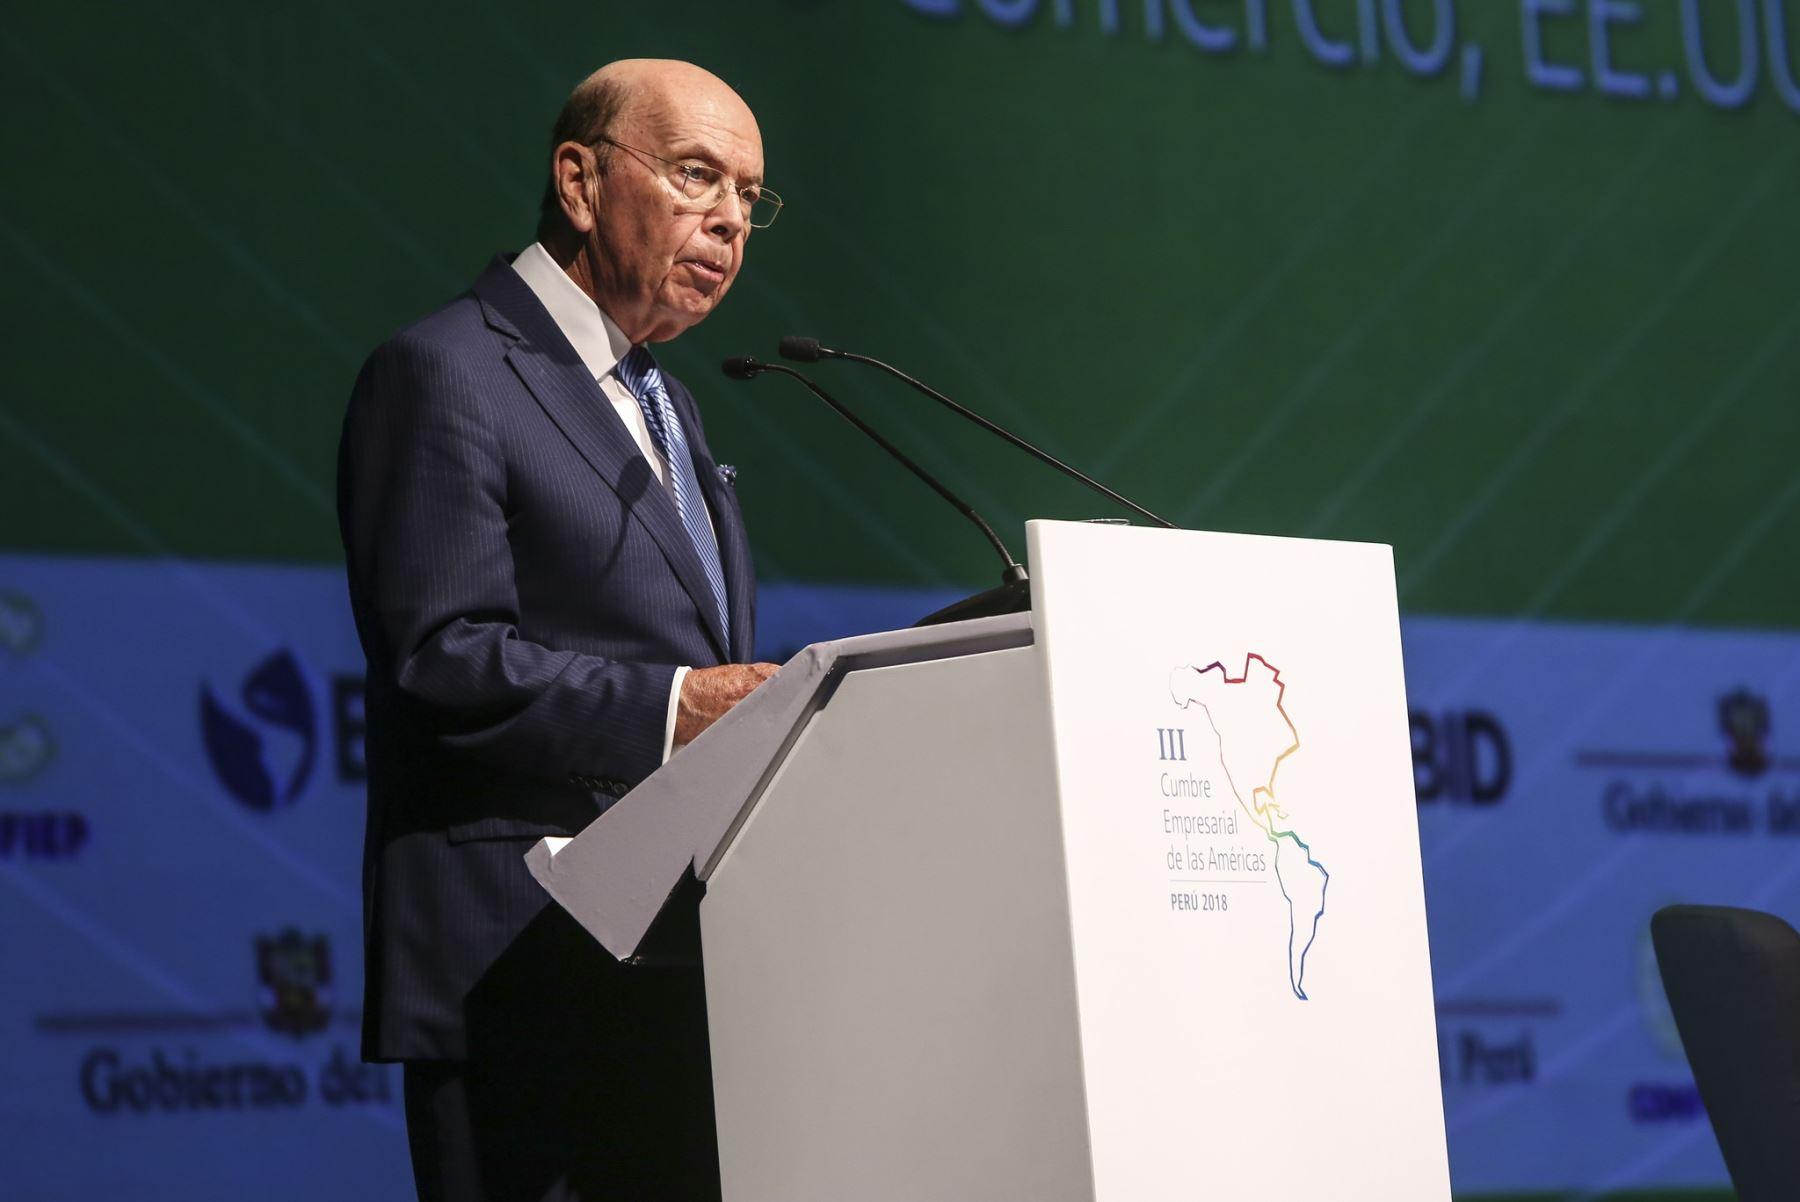 Latinoamérica no tiene que elegir entre China o EU: Ross